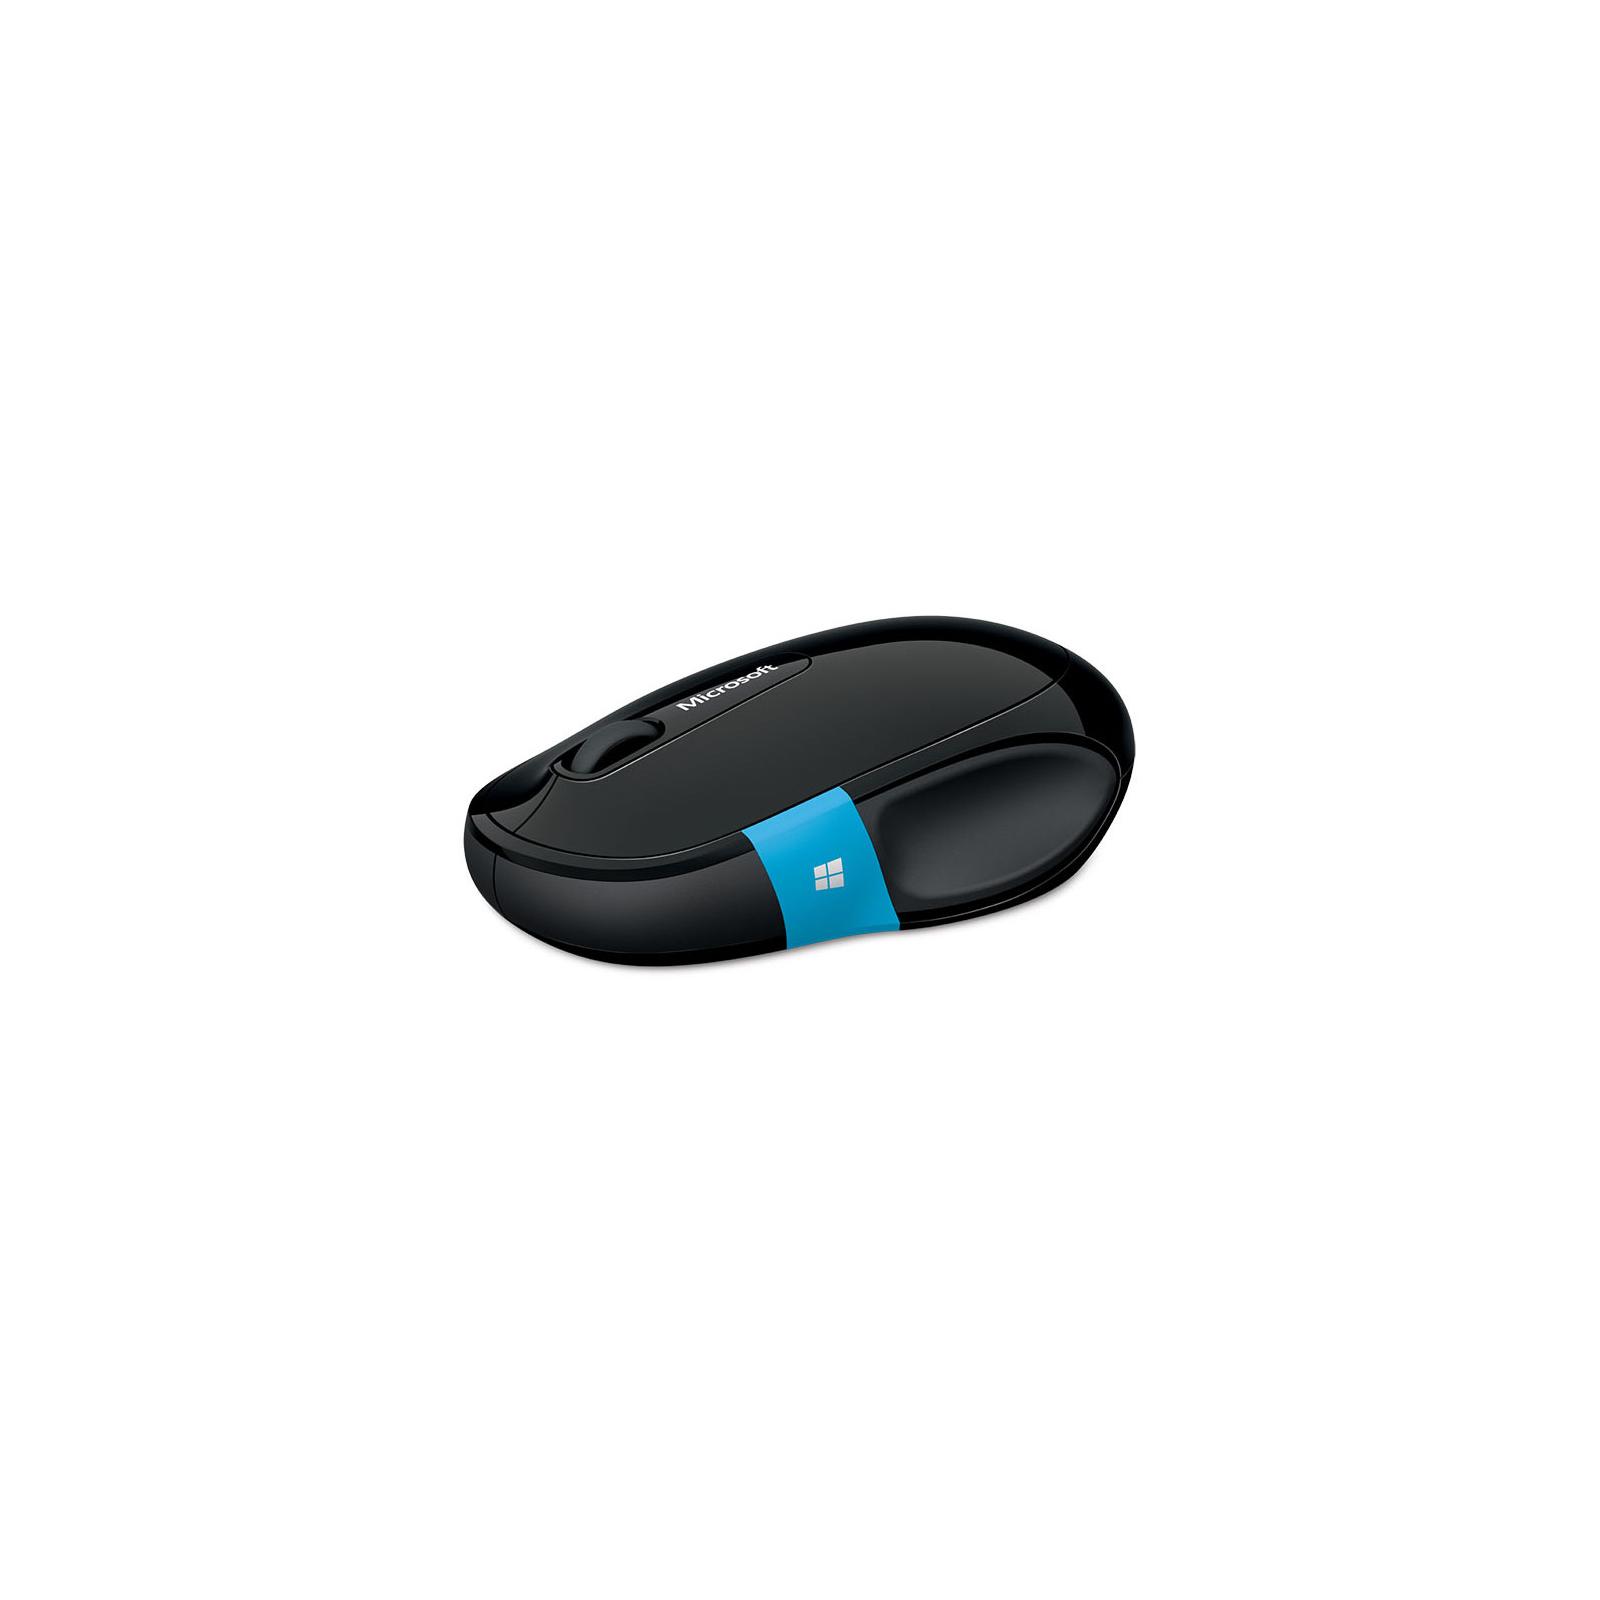 Мышка Microsoft Microsoft Sculpt Comfort BT (H3S-00002) изображение 2